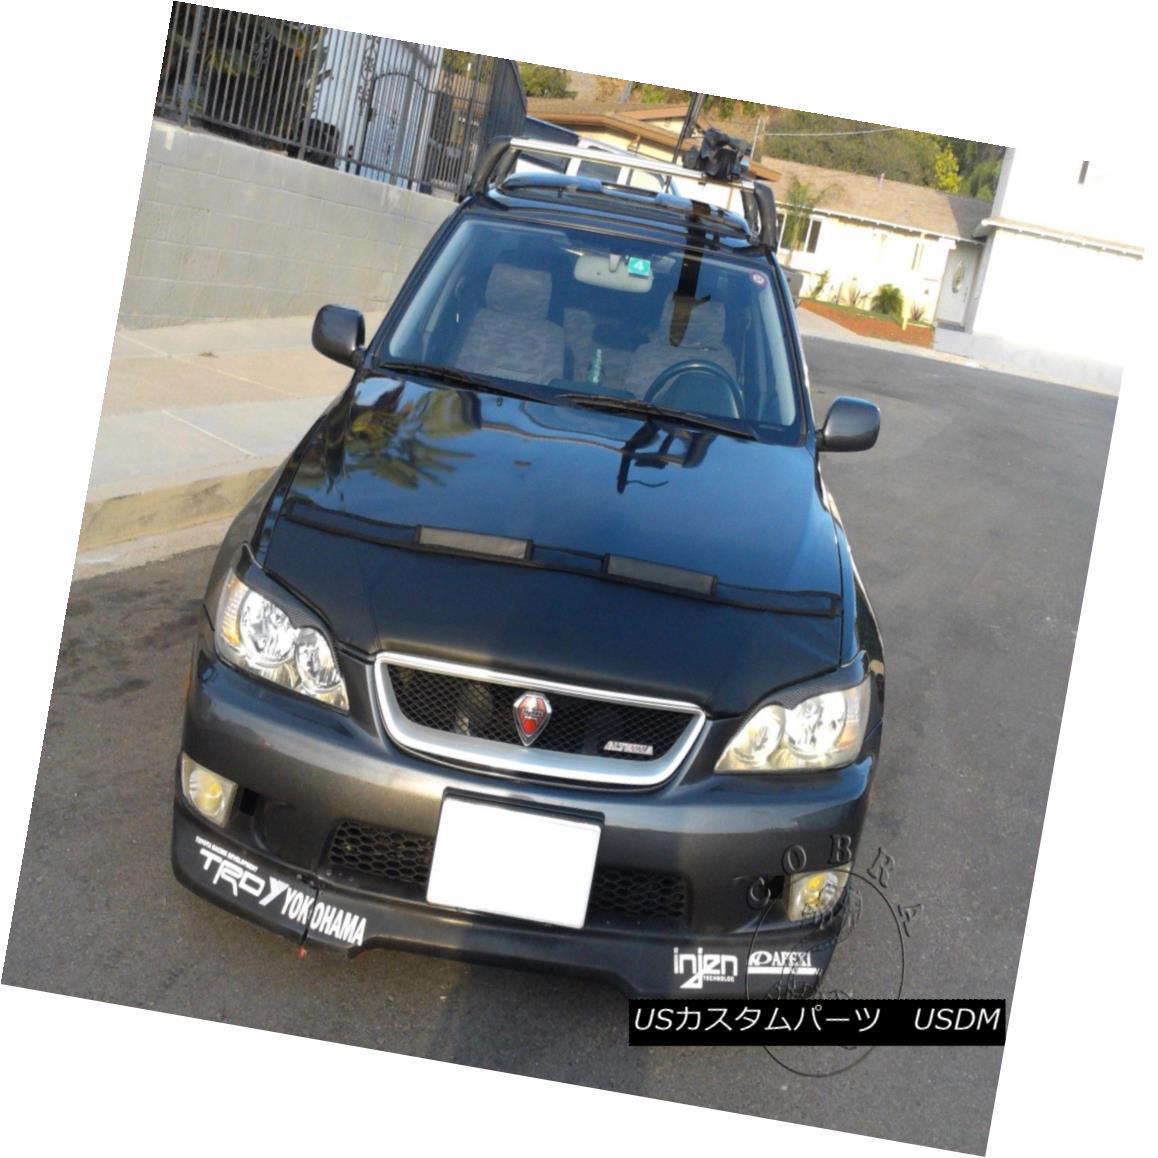 フルブラ ノーズブラ Car Hood Bra Fits LEXUS IS300 IS200 IS TOYOTA Altezza 99 2000 01 02 03 04 05 カーフードブラジャーLEXUS IS300 IS200 IS TOYOTA Altezza 99 2000 01 02 03 04 05